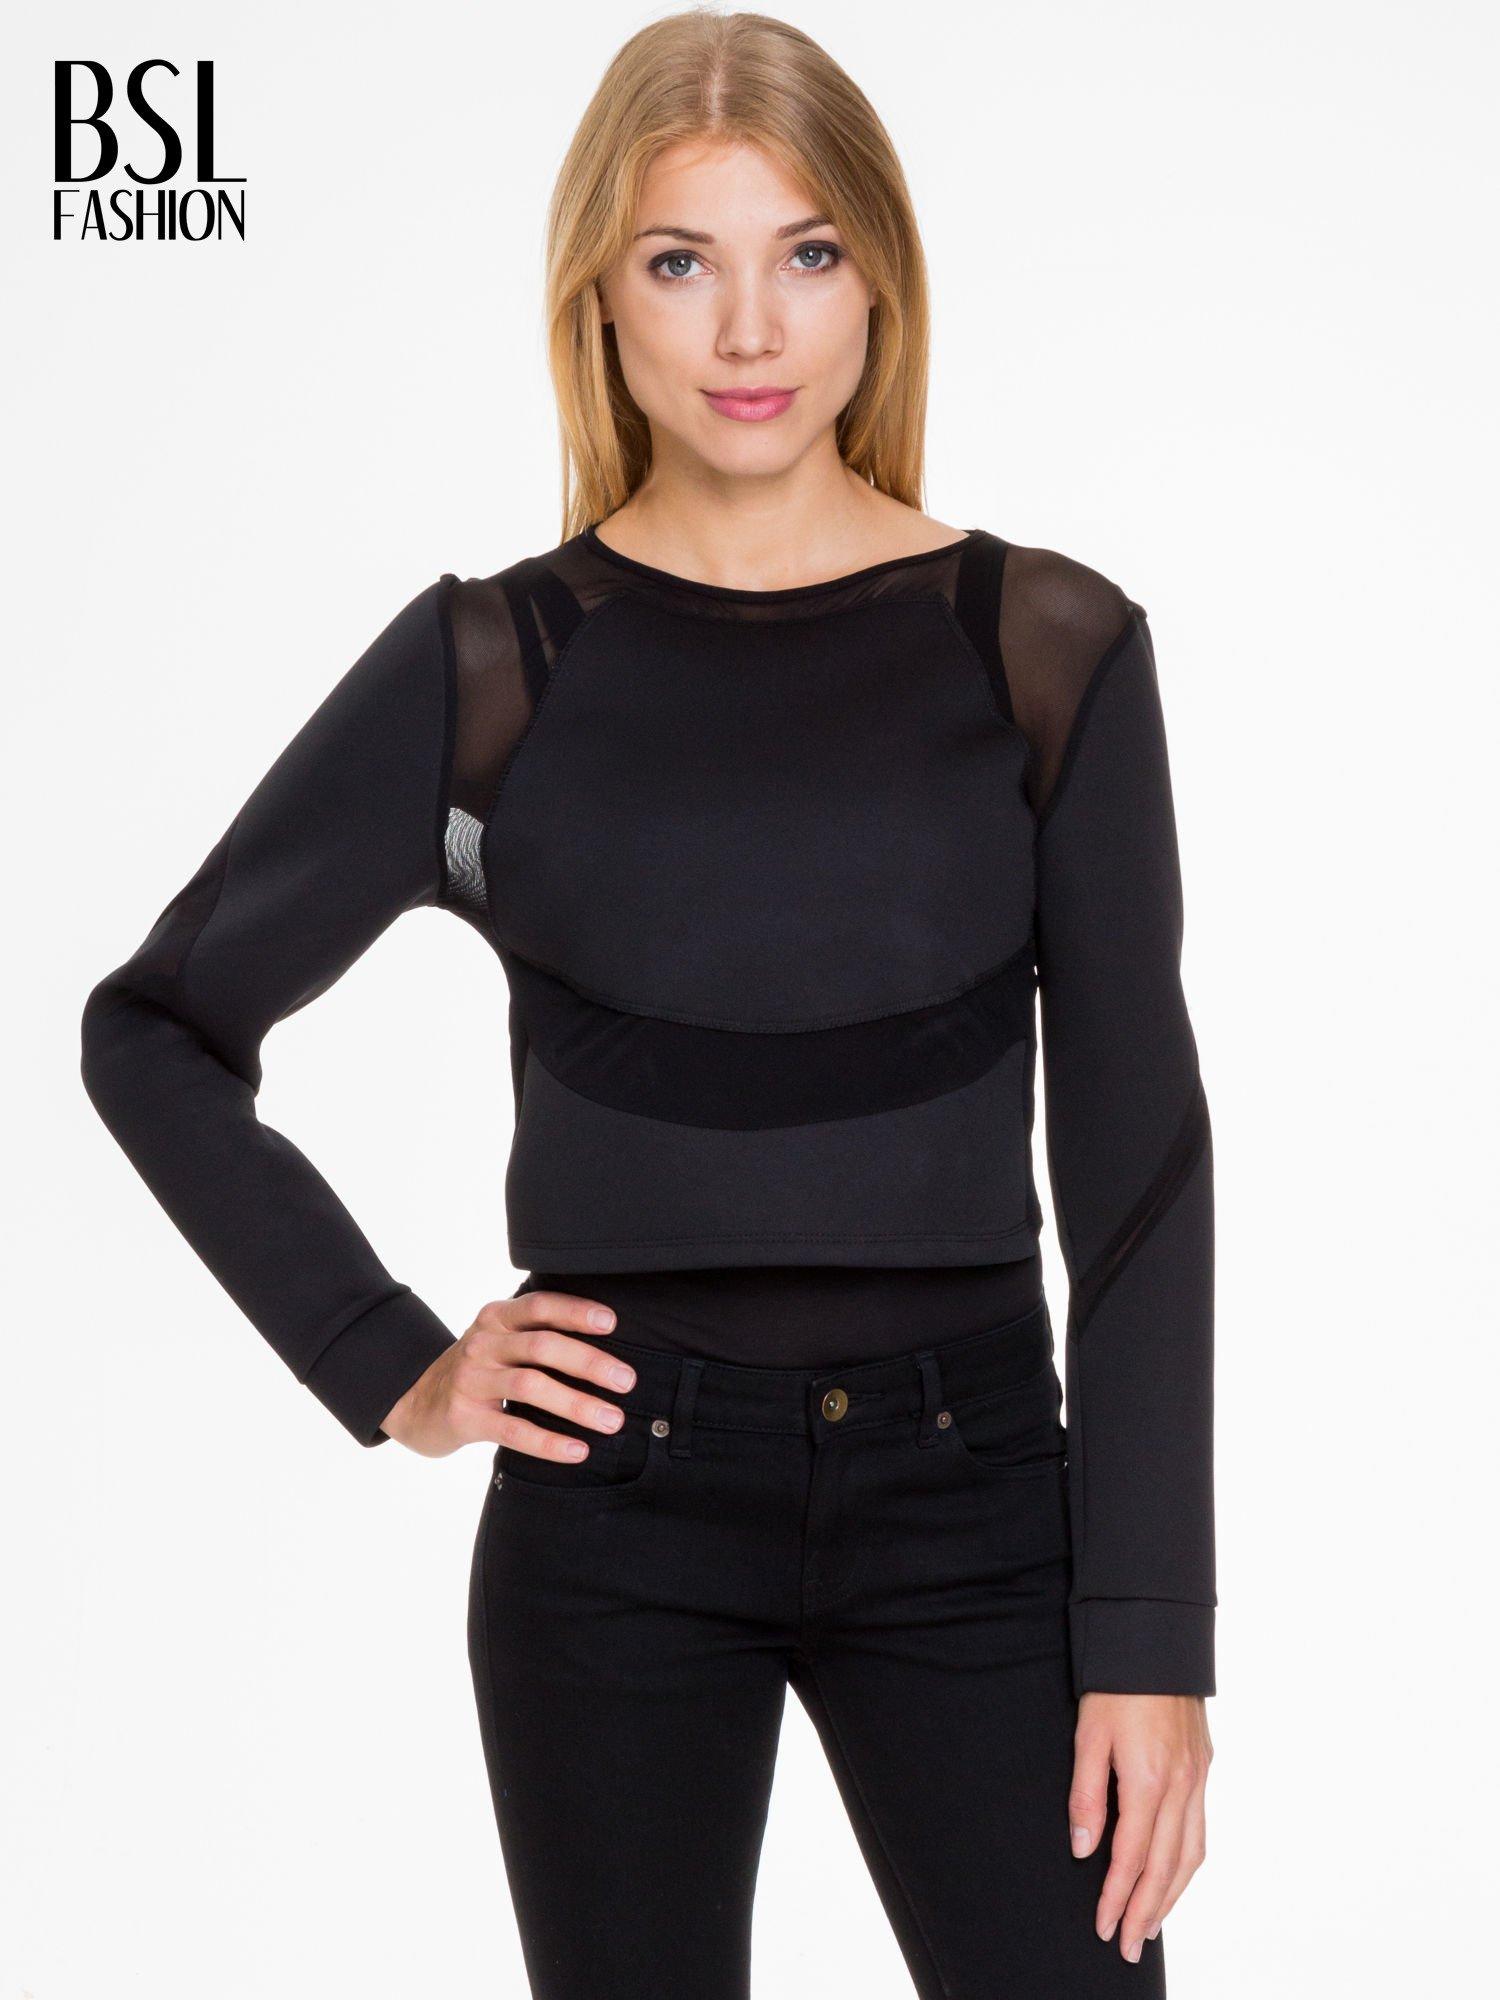 Czarna bluzka z neoprenu z tiulowymi wstawkami                                  zdj.                                  1